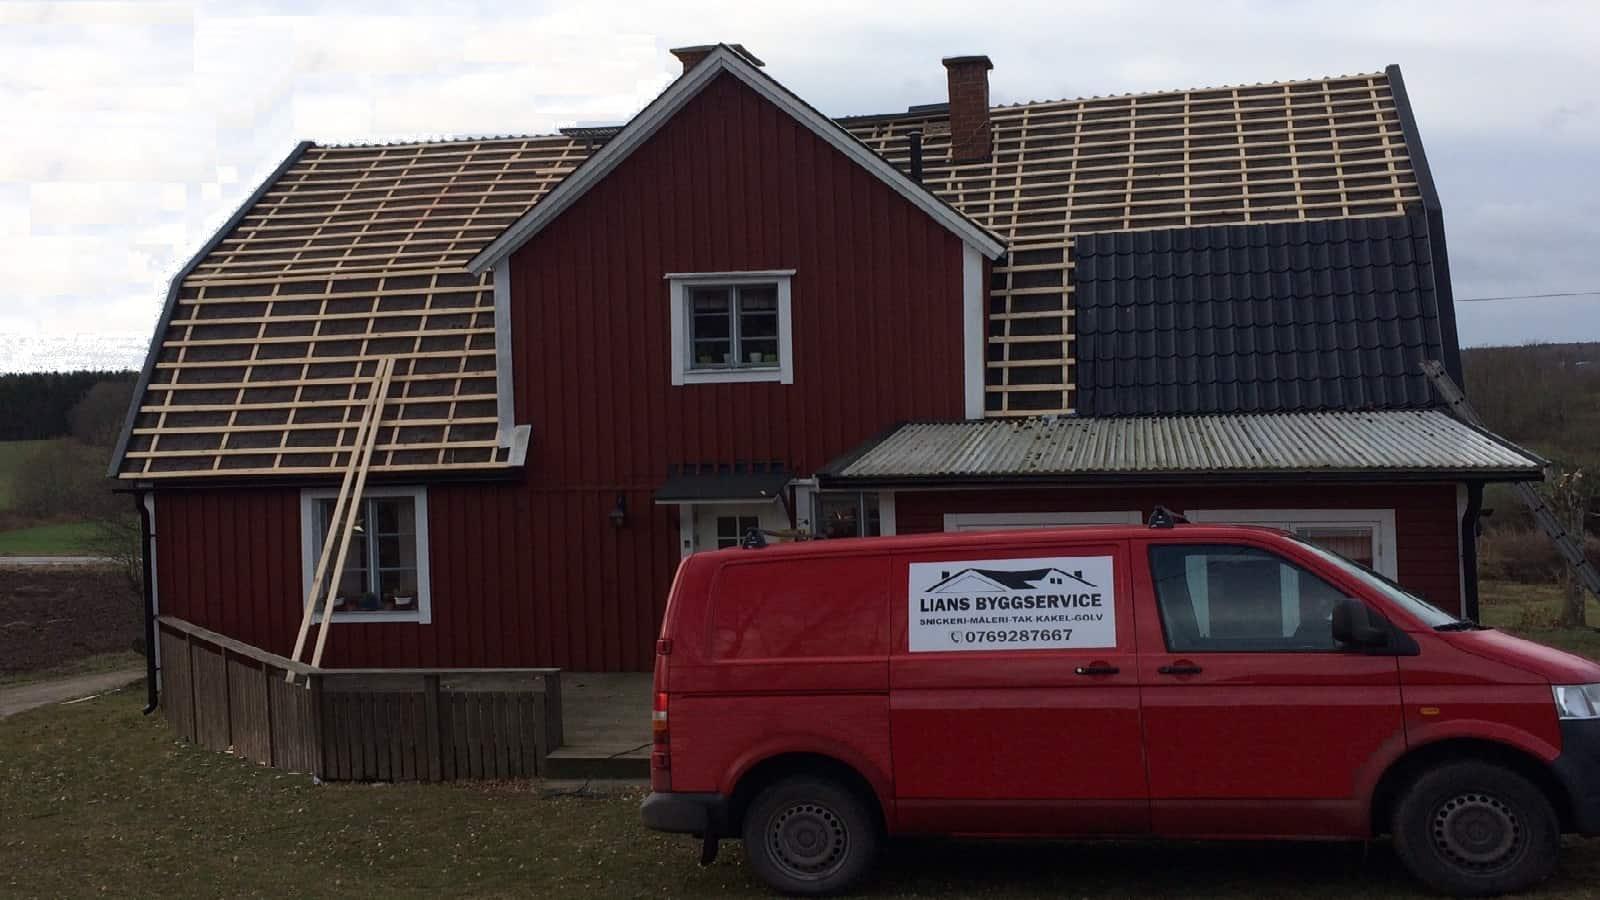 """Referensjobb """"takrenovering"""" utfört av LIANS BYGGSERVICE"""